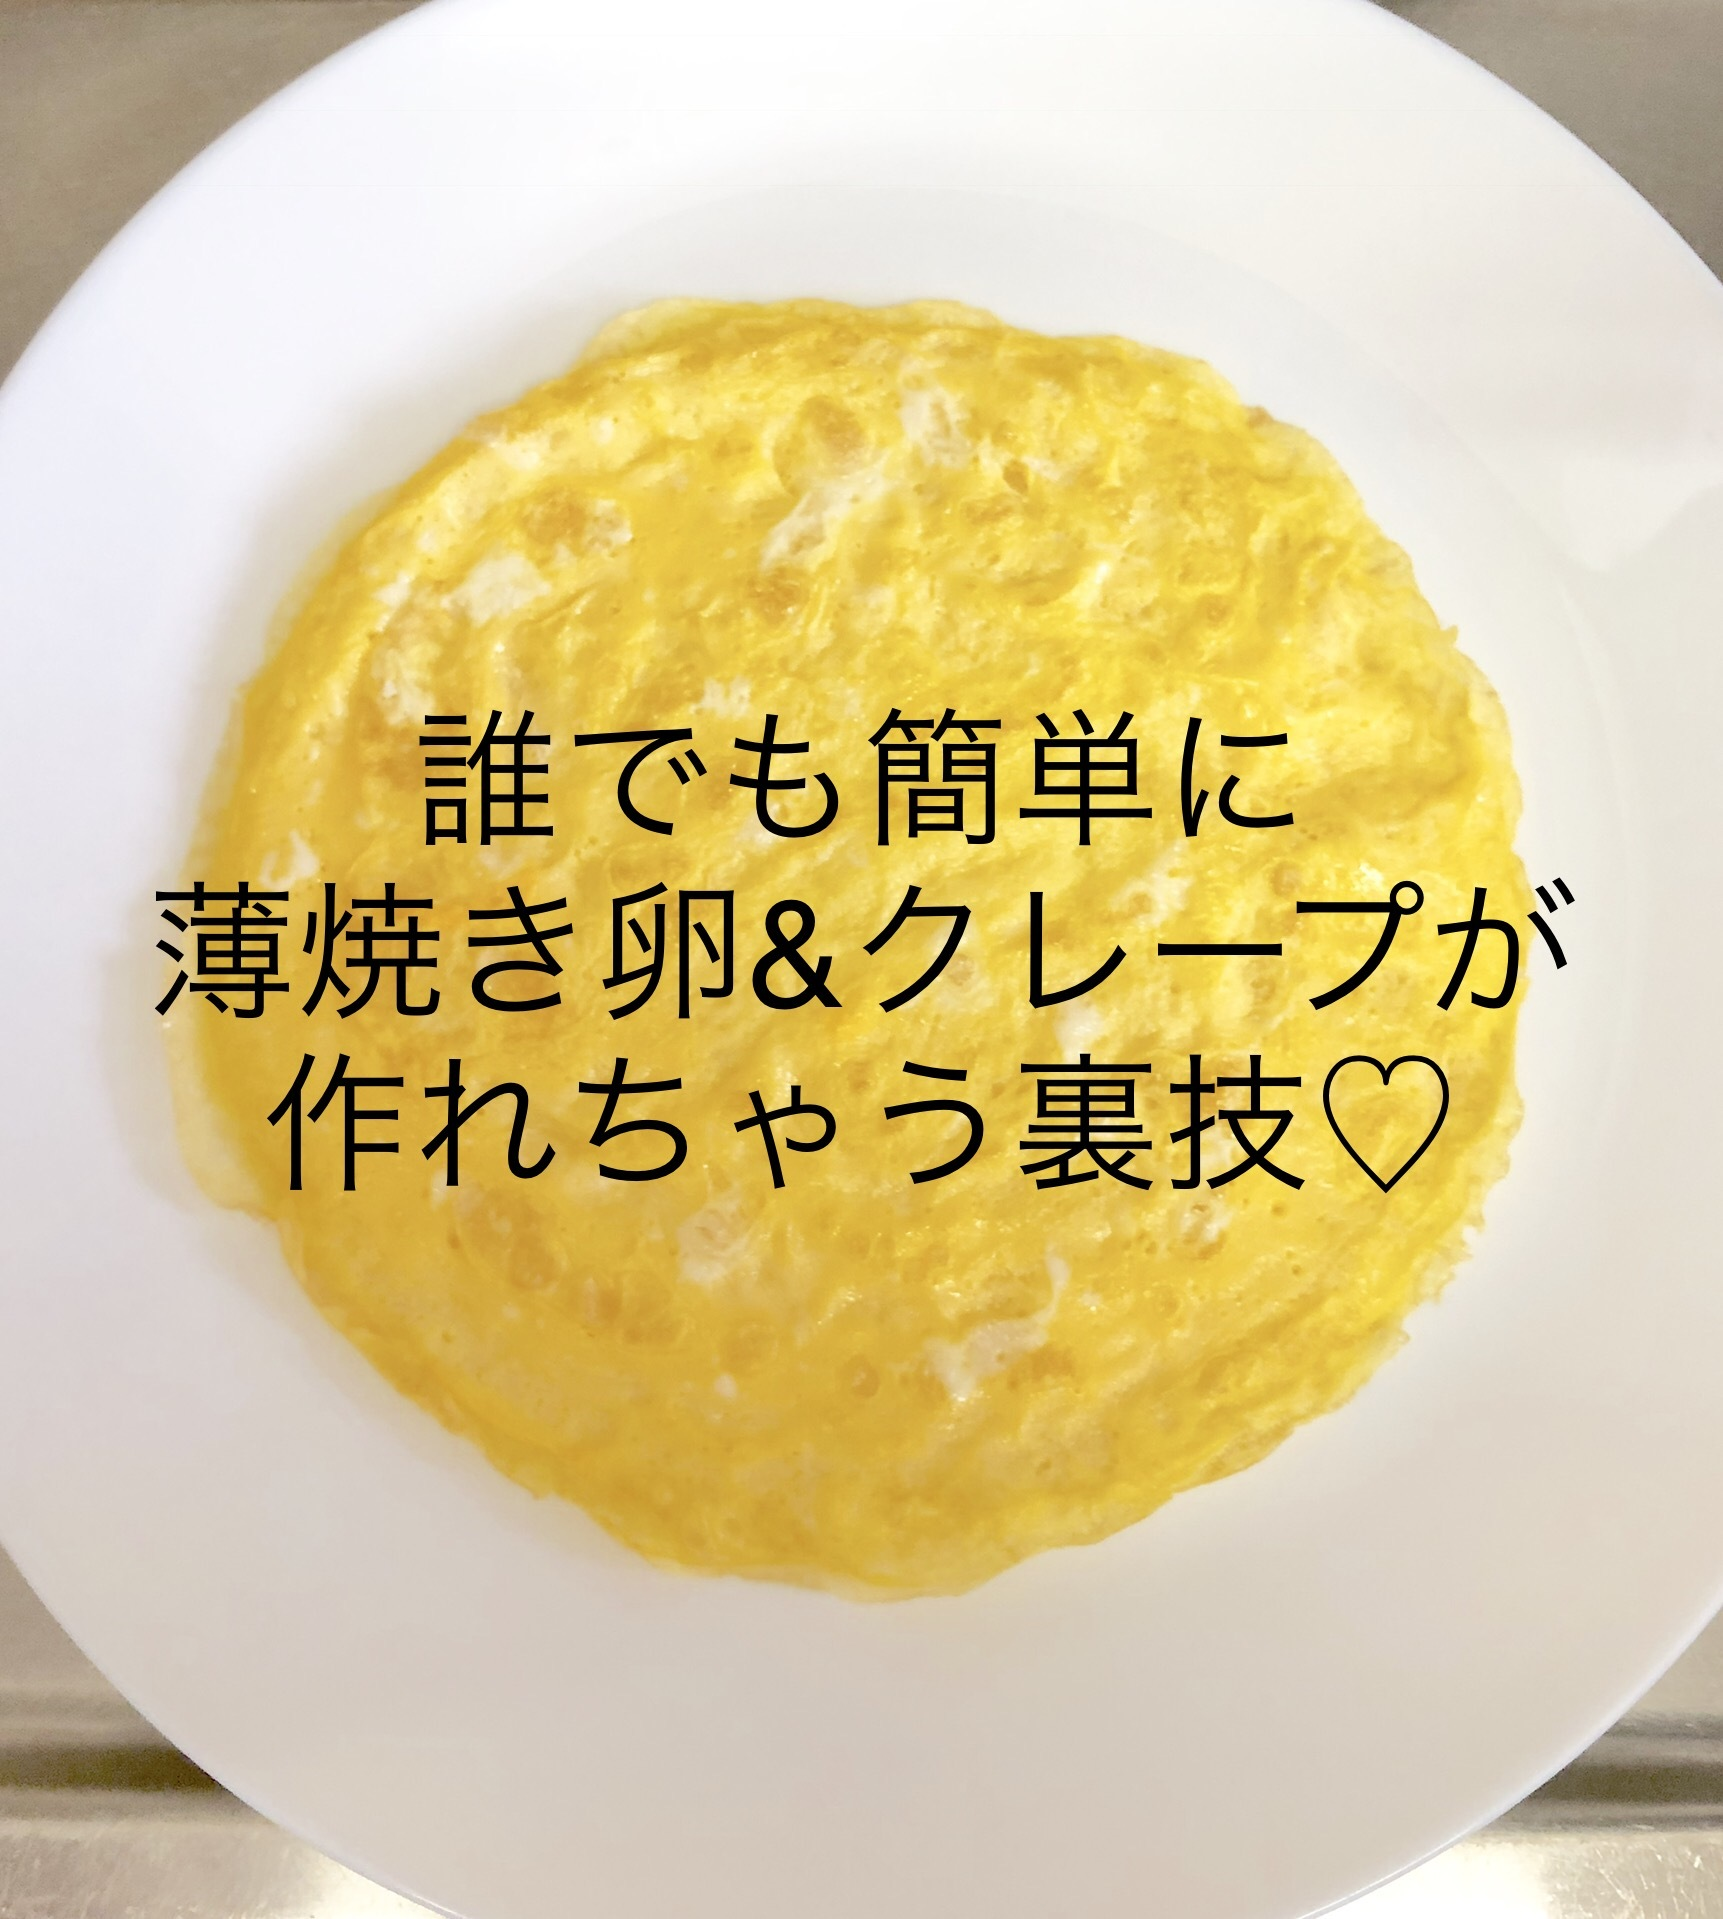 クレープや薄焼き卵を失敗せず誰でも簡単に作れる方法!